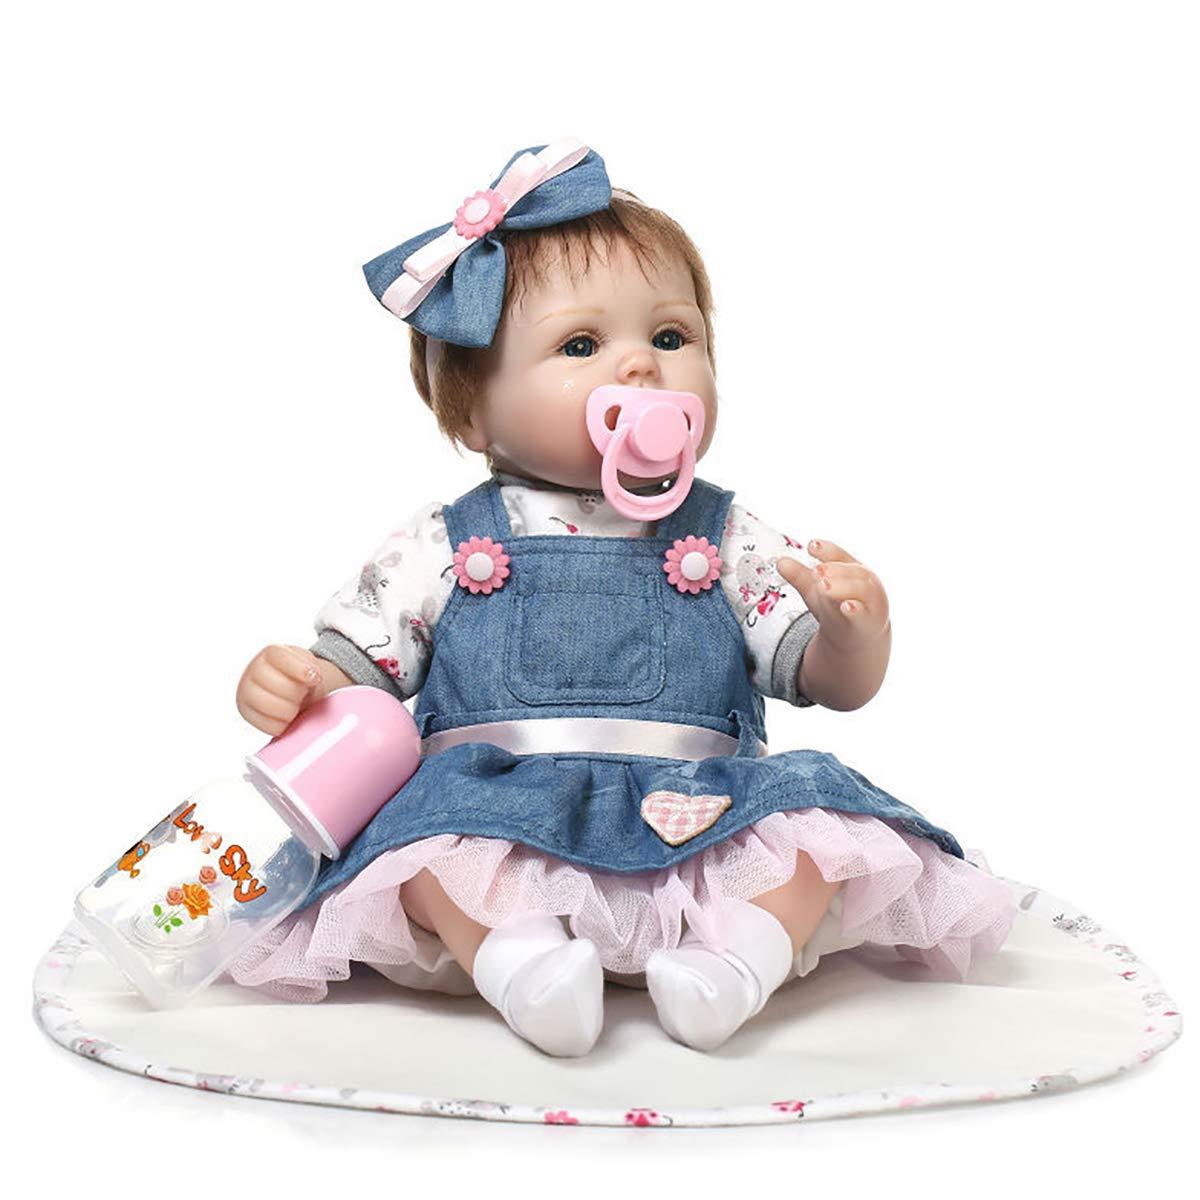 tiendas minoristas LHKAVE Reborn Baby Dolls 16 16 16 Pulgadas, Calidad Realista Hechos a Mano bebés muñecos niñas Vinilo Suave Silicona Realista Niños Regalos Juguetes Edad 3+  ventas en linea